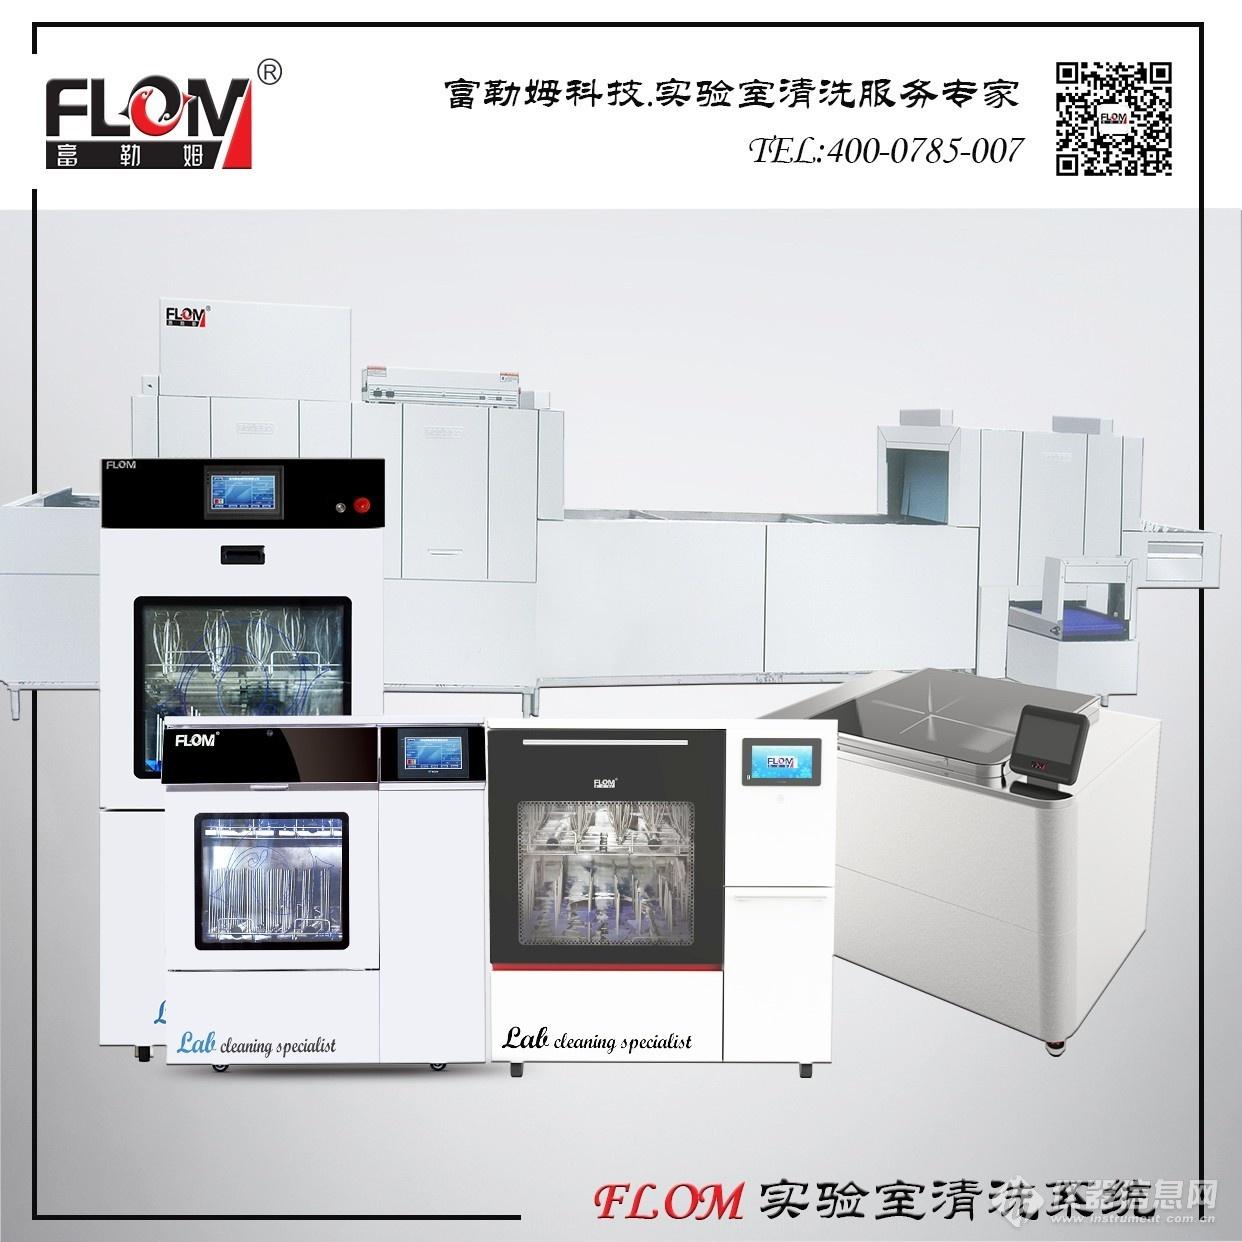 實驗室清洗系列.jpg